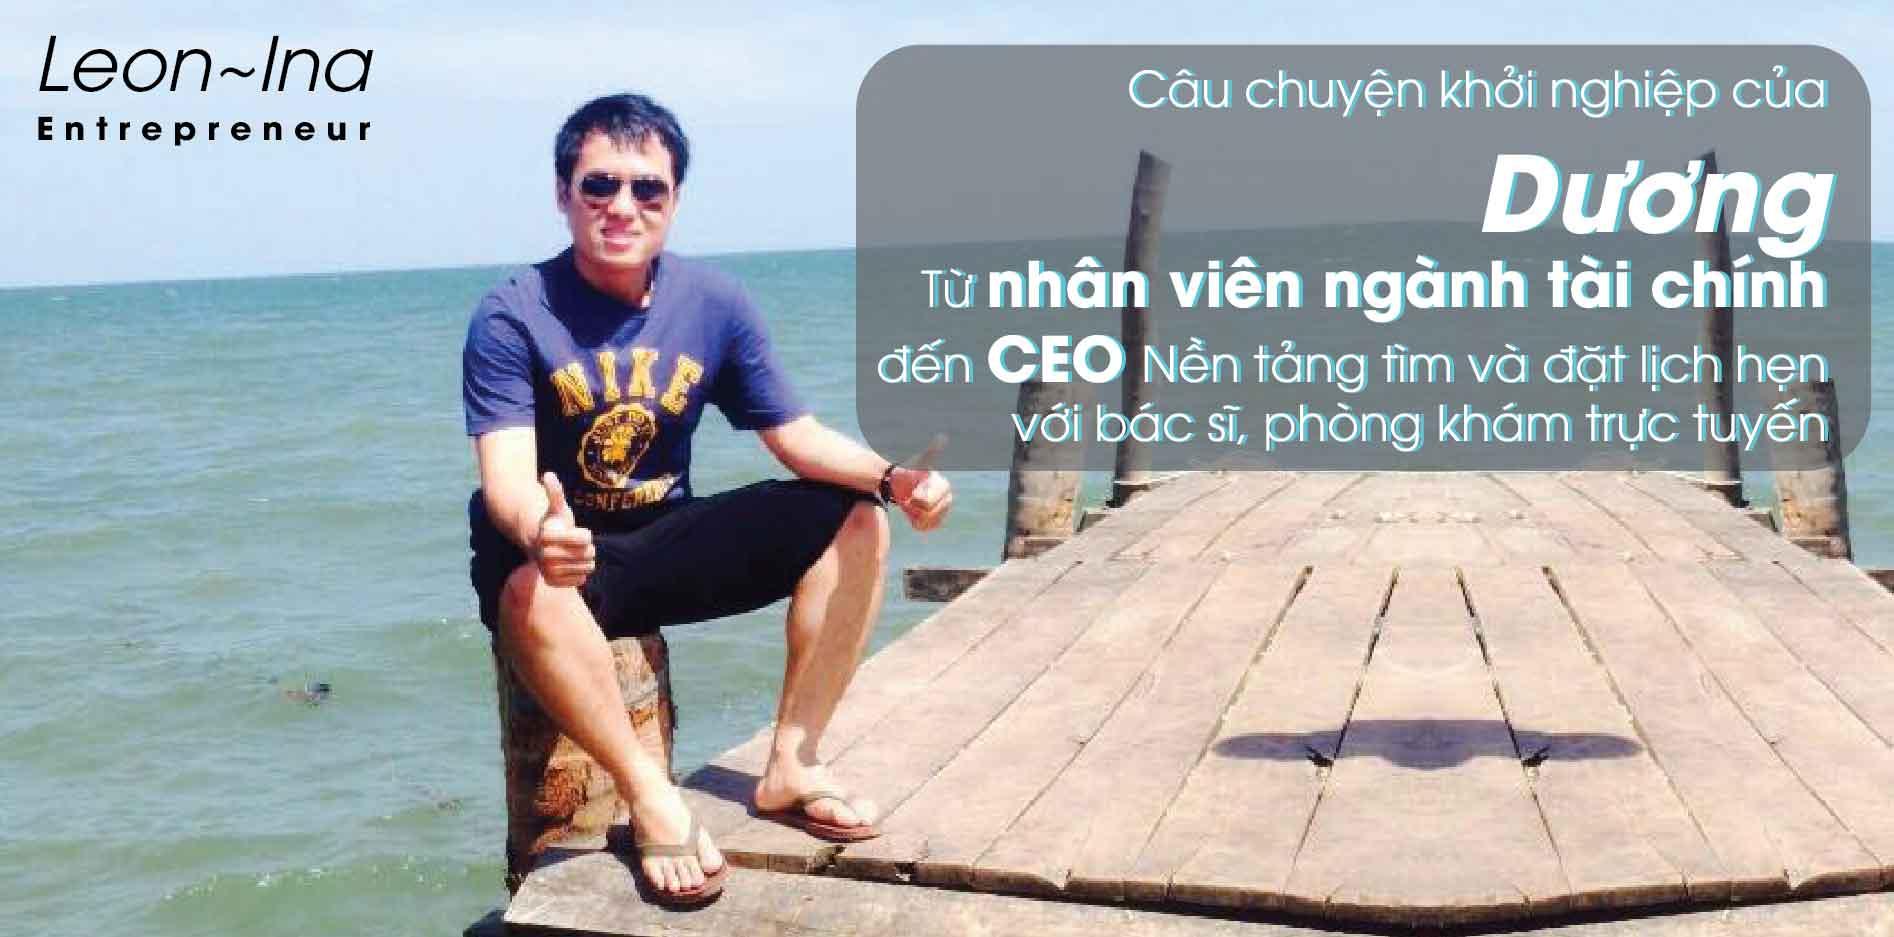 [Phần 1: Khởi nghiệp phần nổi] Từ nhân viên ngành tài chính đến CEO Nền tảng tìm và đặt lịch hẹn với bác sĩ, phòng khám trực tuyến Finizz